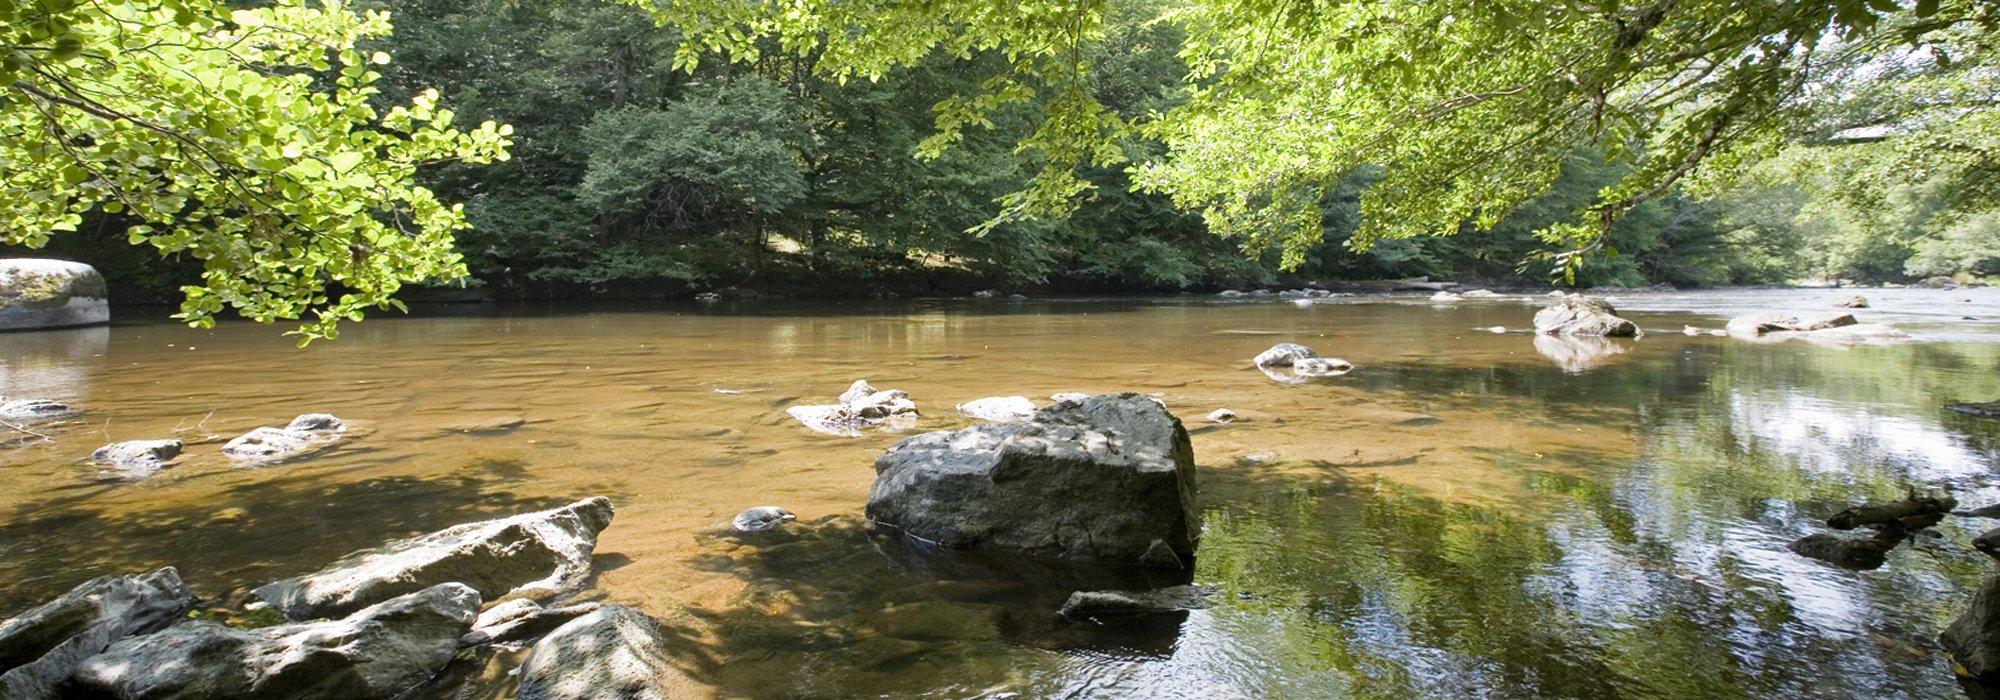 Camping la roche posay piscines futuroscope vienne for Camping loire atlantique avec piscine couverte